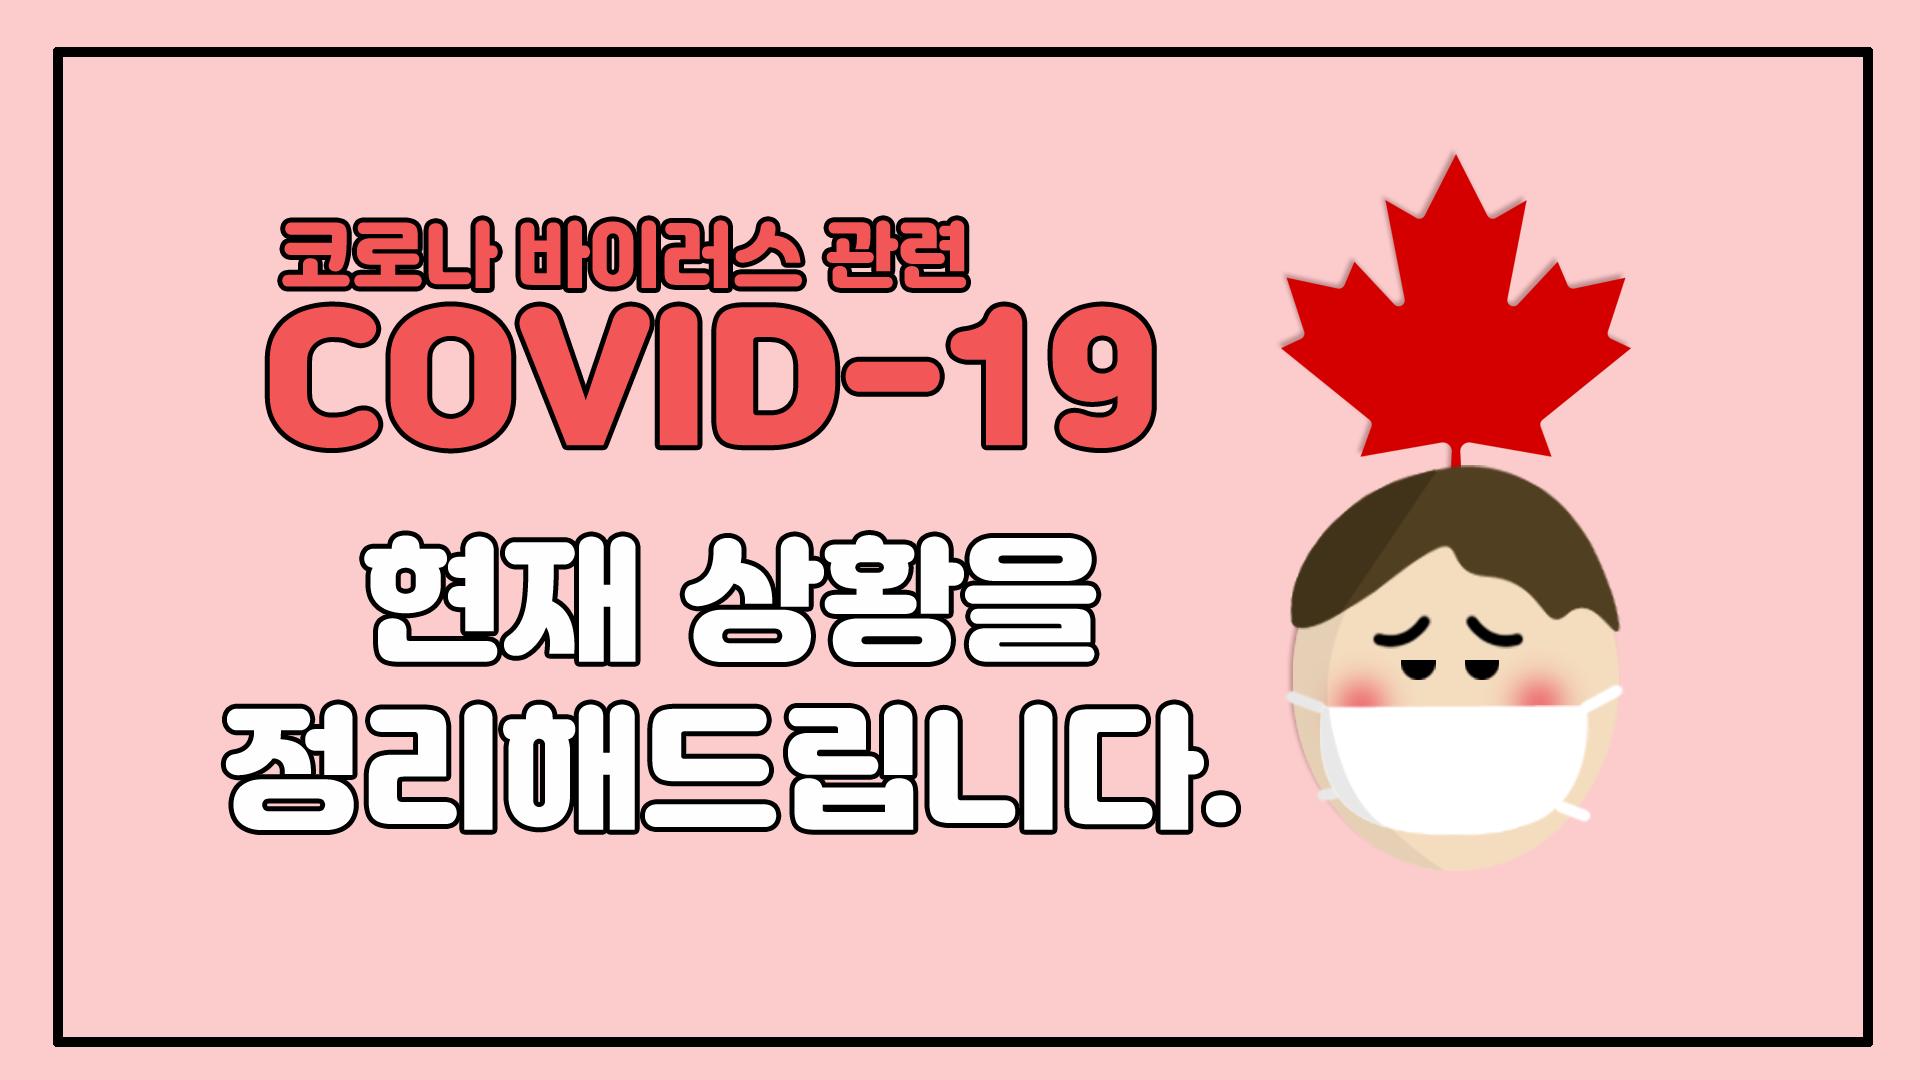 코로나(COVID-19) 관련 캐나다 이민국 발표 및 상황을 정리해드립니다!